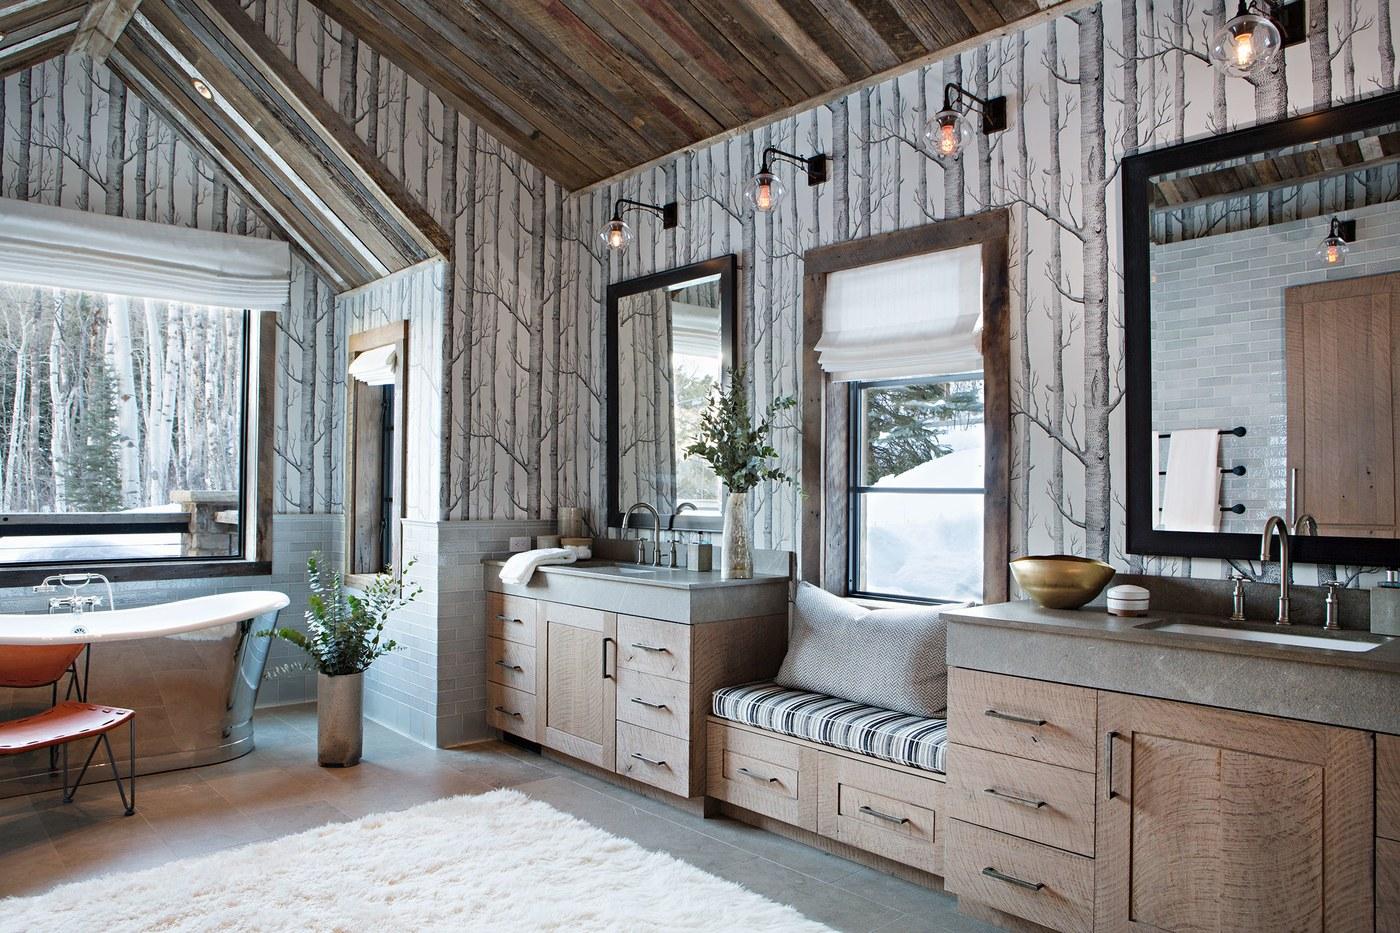 {Decor Inspiration} Luxury Ski Lodge in Aspen - Hello Lovely